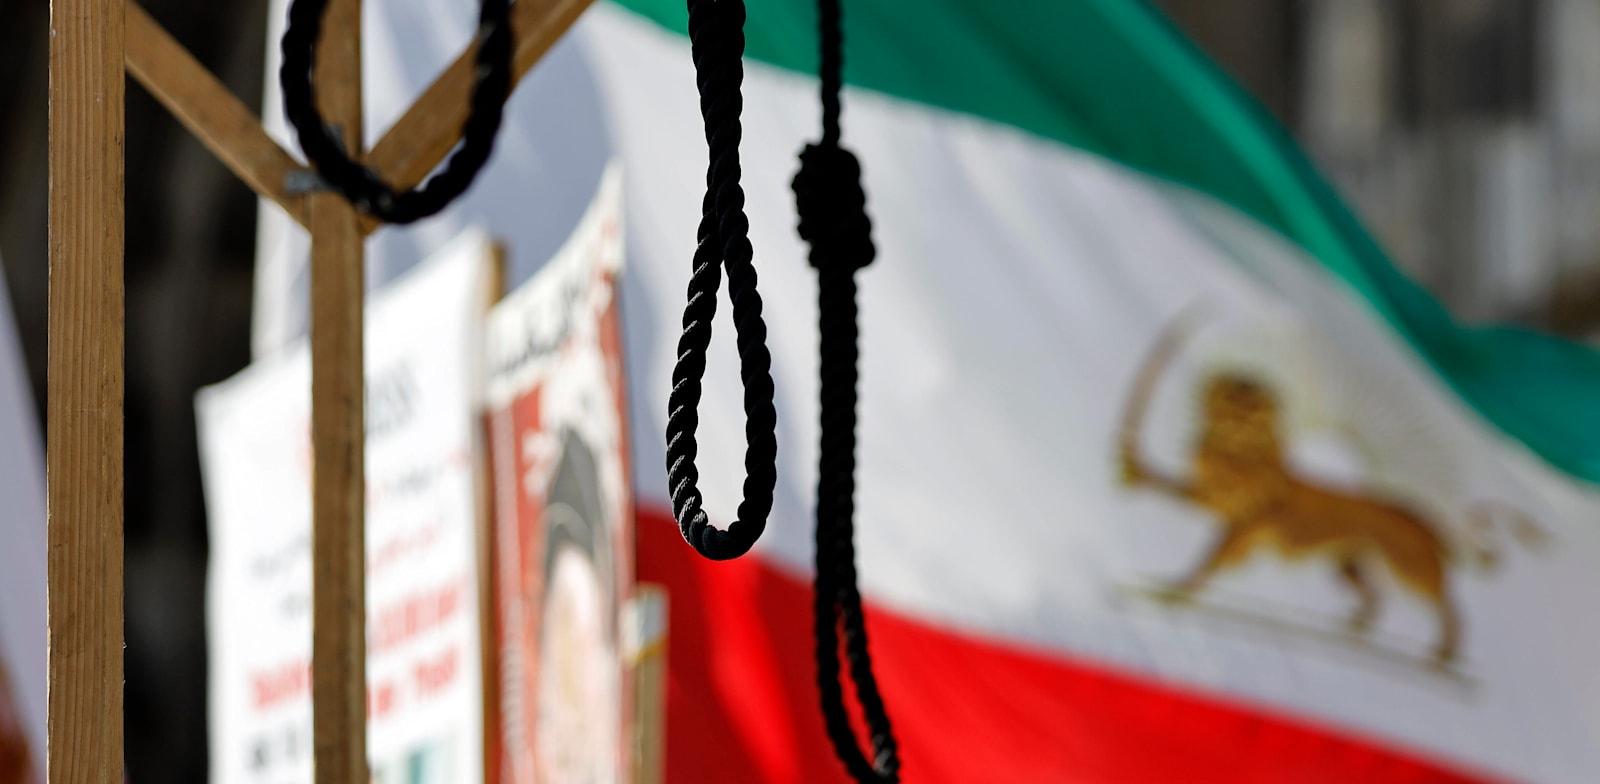 הפגנה נגד המשטר האיראני / צילום: Reuters, כריסטוף הארדט